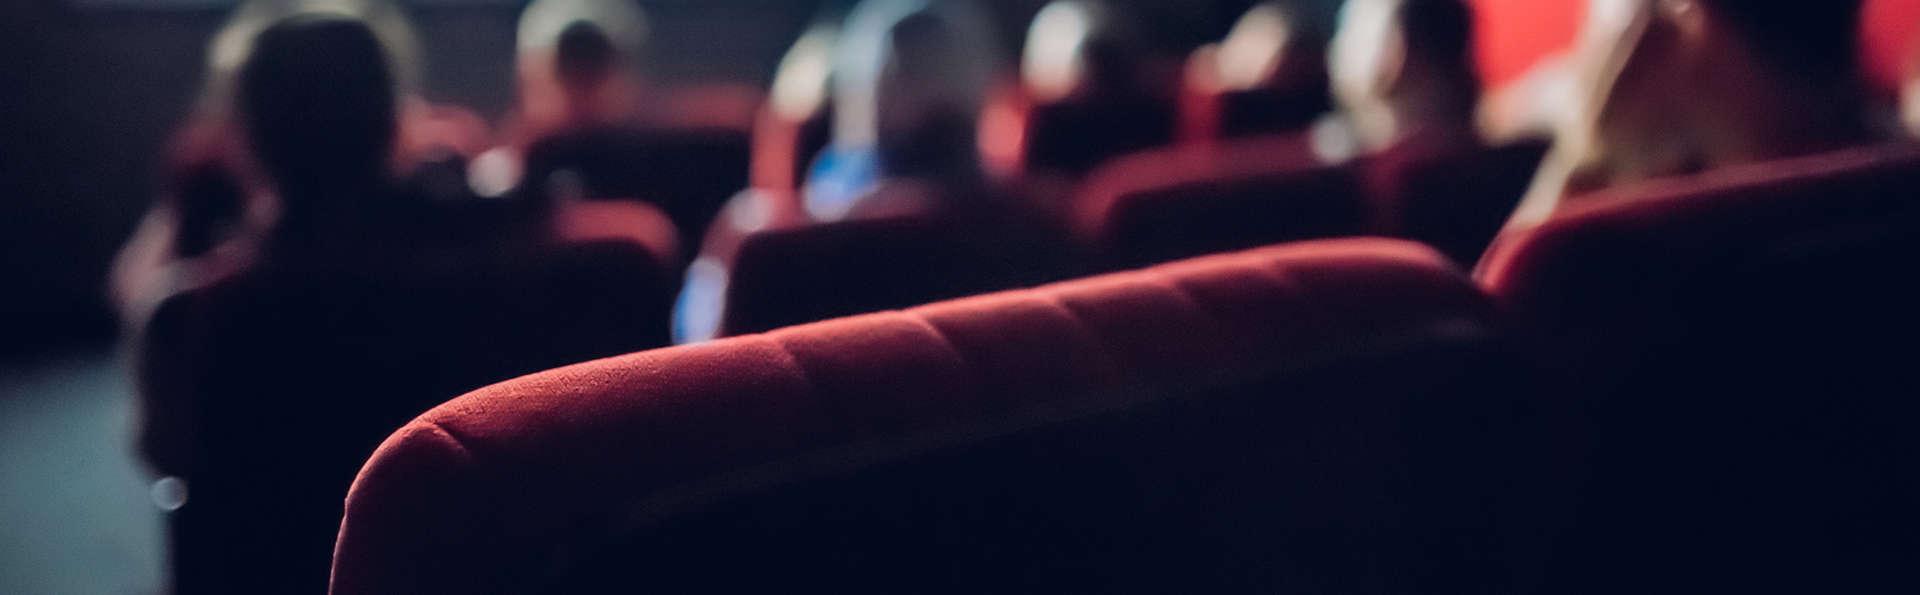 Tapis rouge, projection du film primé ou dîner sur la plage pour le Festival de Cannes 2019 !